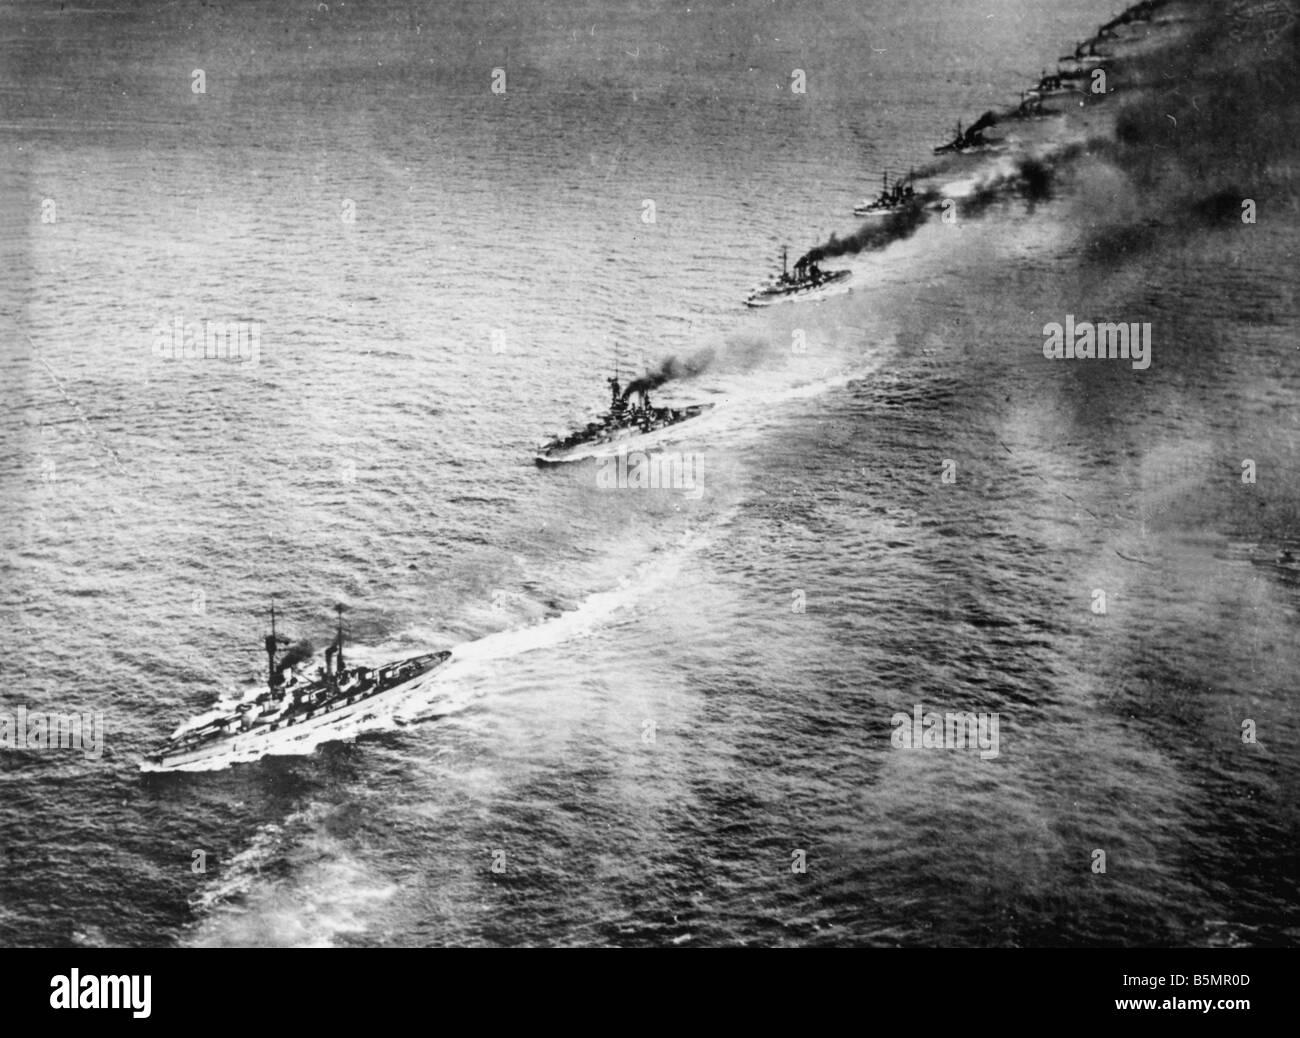 9 1916 5 31 A1 18 E Schlacht von Jütland 1916 britischen F Eet ein Weltkrieg 1914-18 Schlacht von Jütland Stockbild